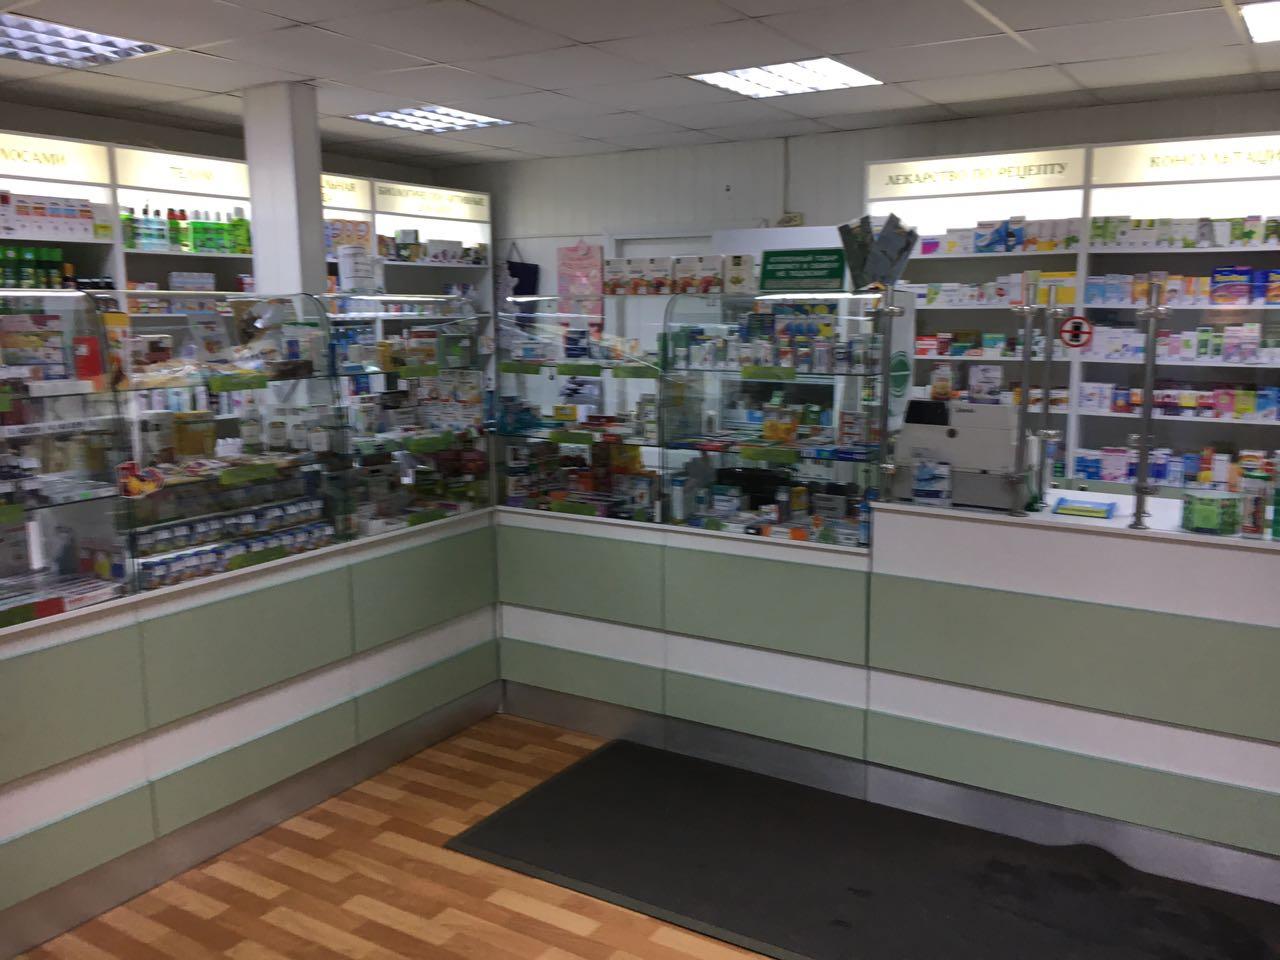 аптеки панацея б махачкала Выборгский